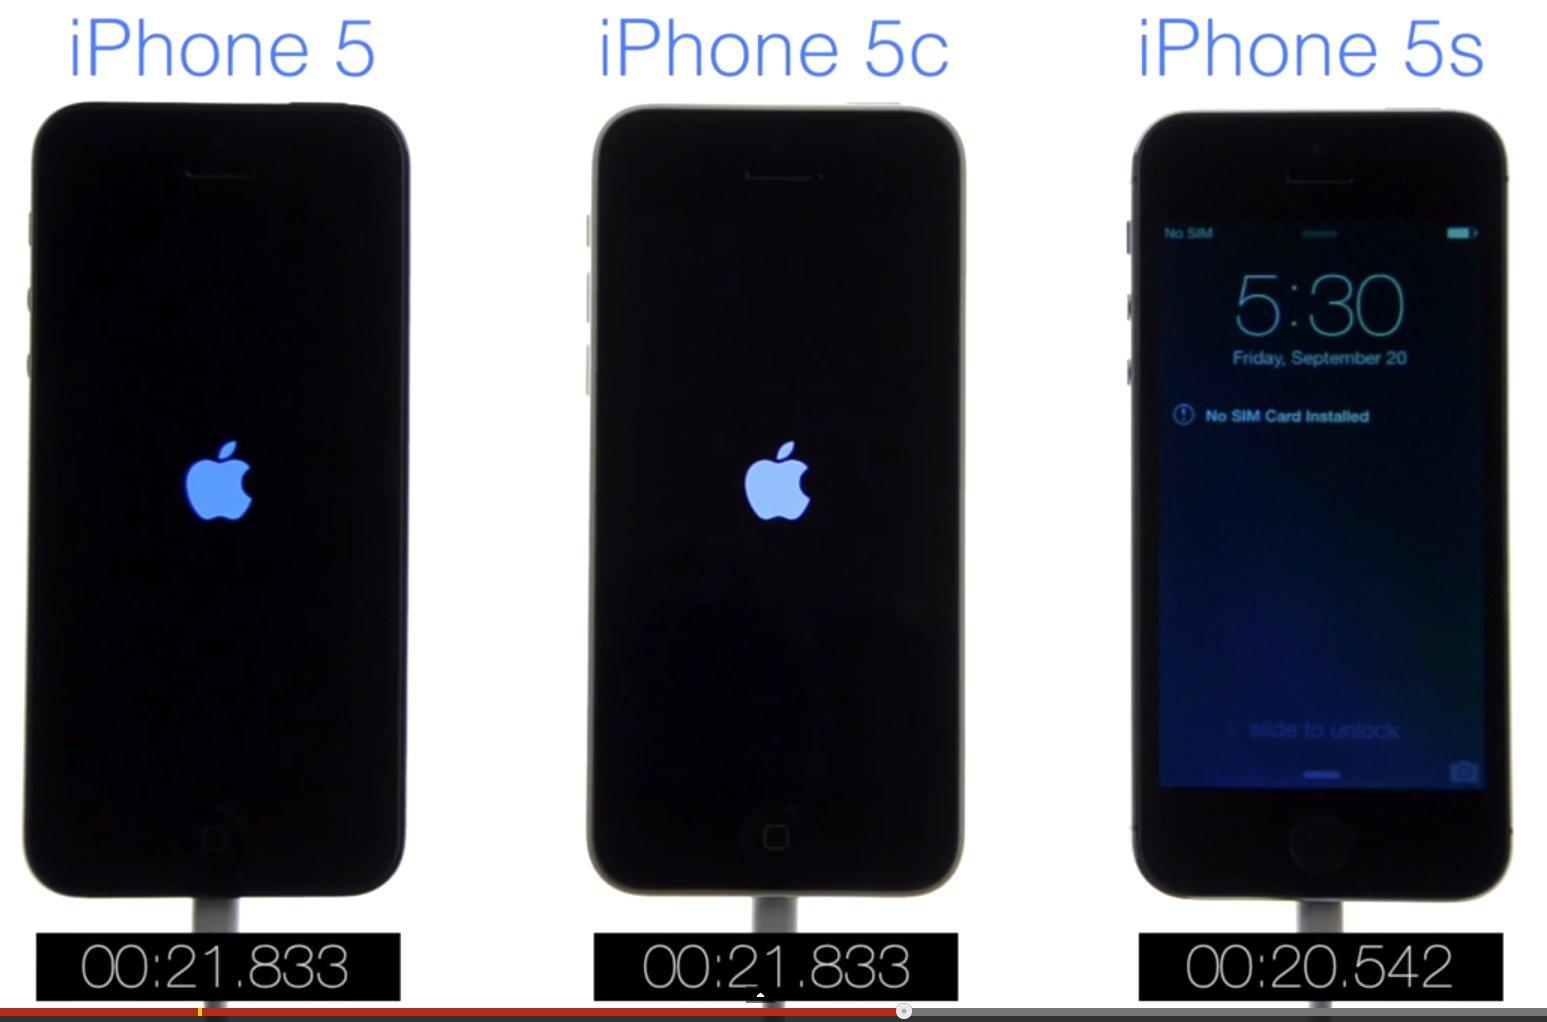 Speedtest IPhone 5s Vs 5c 5 IOS 7 Boot